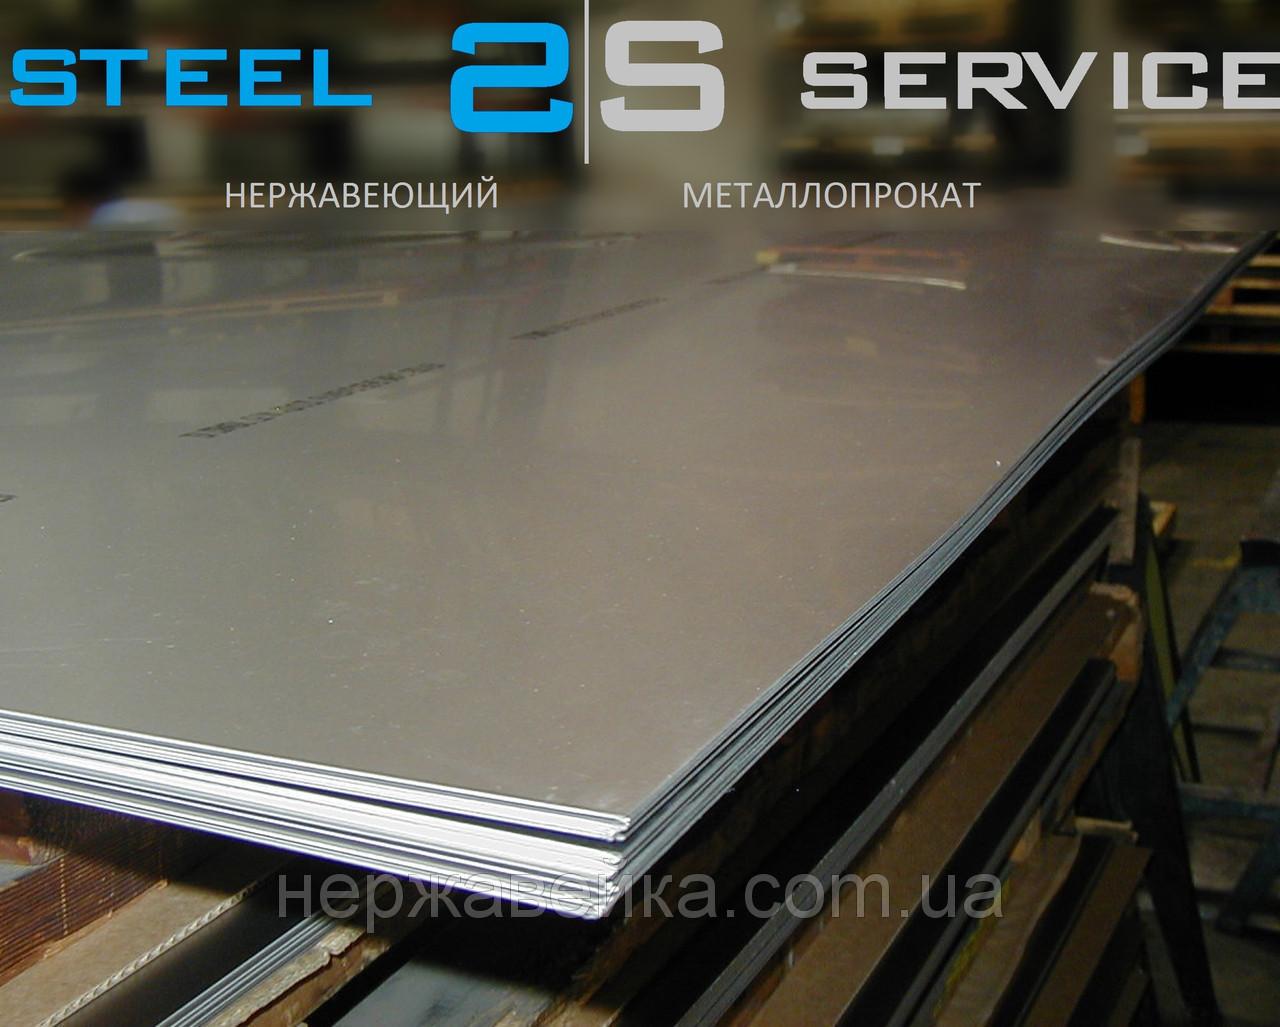 Нержавеющий лист 6х1000х2000мм  AISI 321(08Х18Н10Т) F1 - горячекатанный,  пищевой